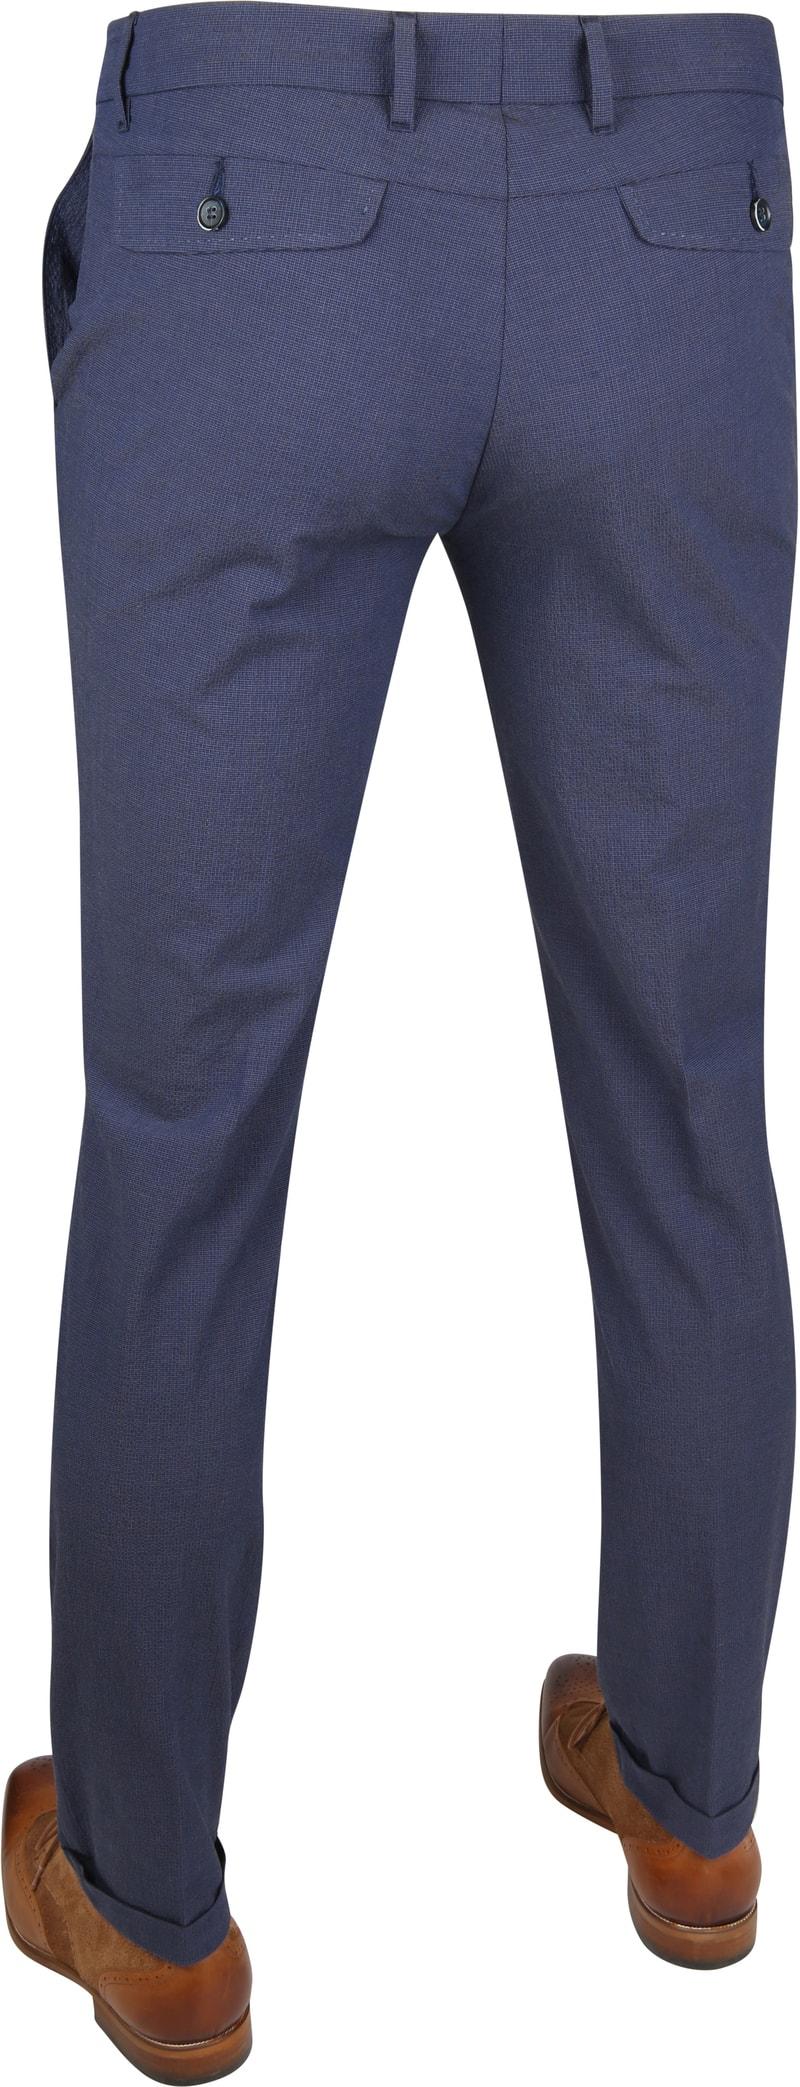 Suitable Pantalon Pisa Dessin Blue photo 3